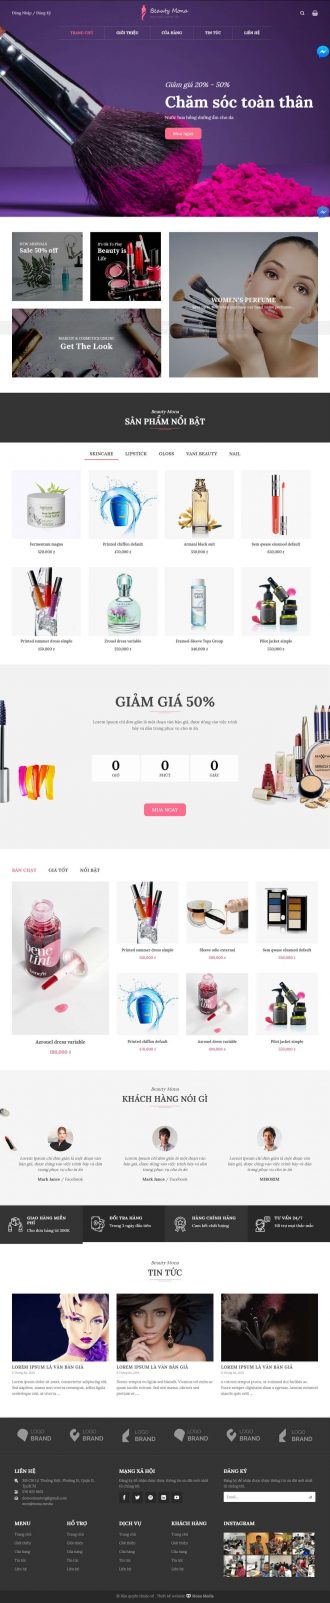 Mẫu website giống Vani Beauty